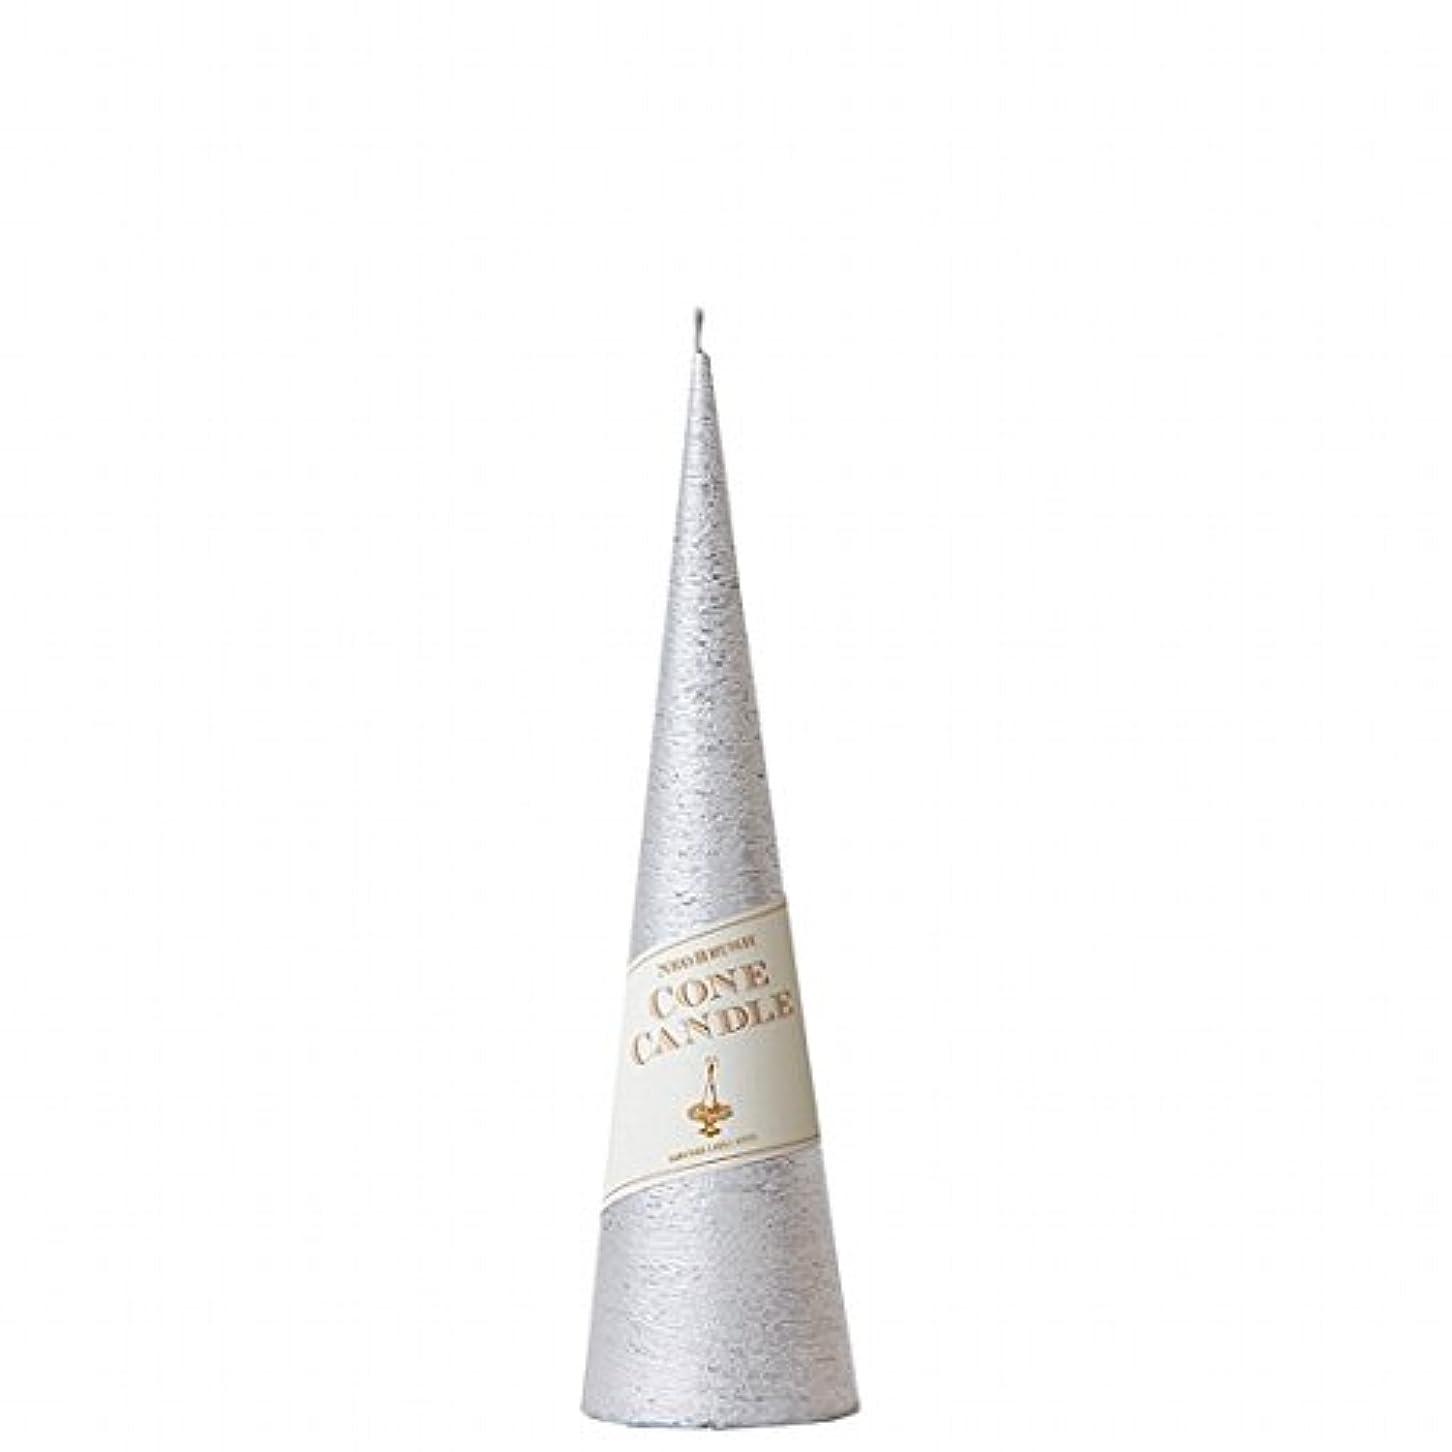 ミシンベギンナプキンkameyama candle(カメヤマキャンドル) ネオブラッシュコーン 230 キャンドル 「 シルバー 」(A9750120SI)